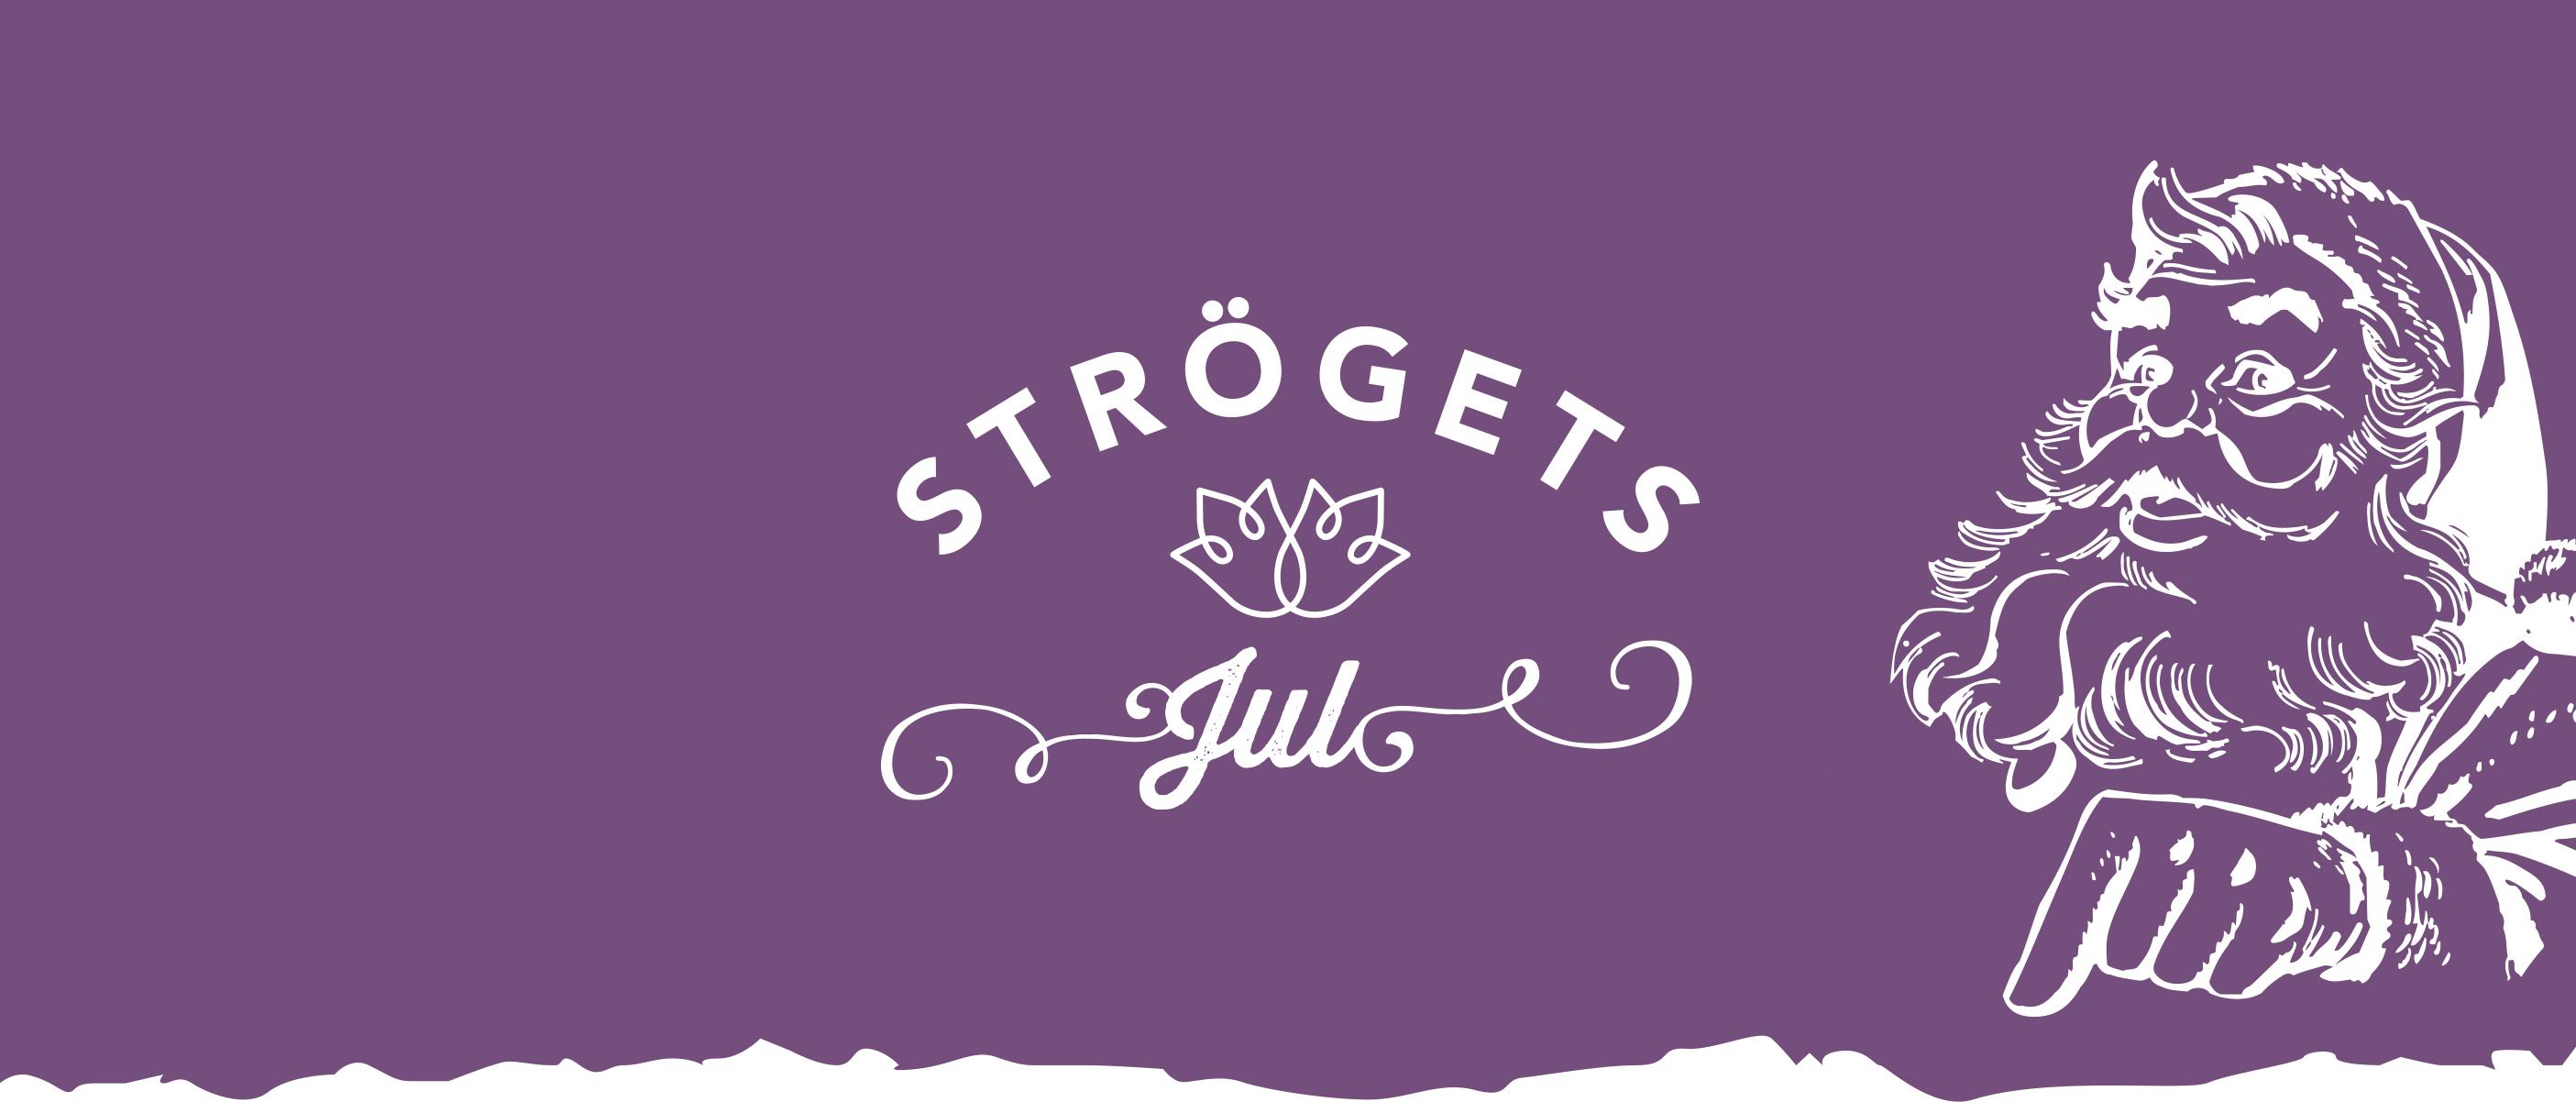 STROGETSJUL_banner_start_2